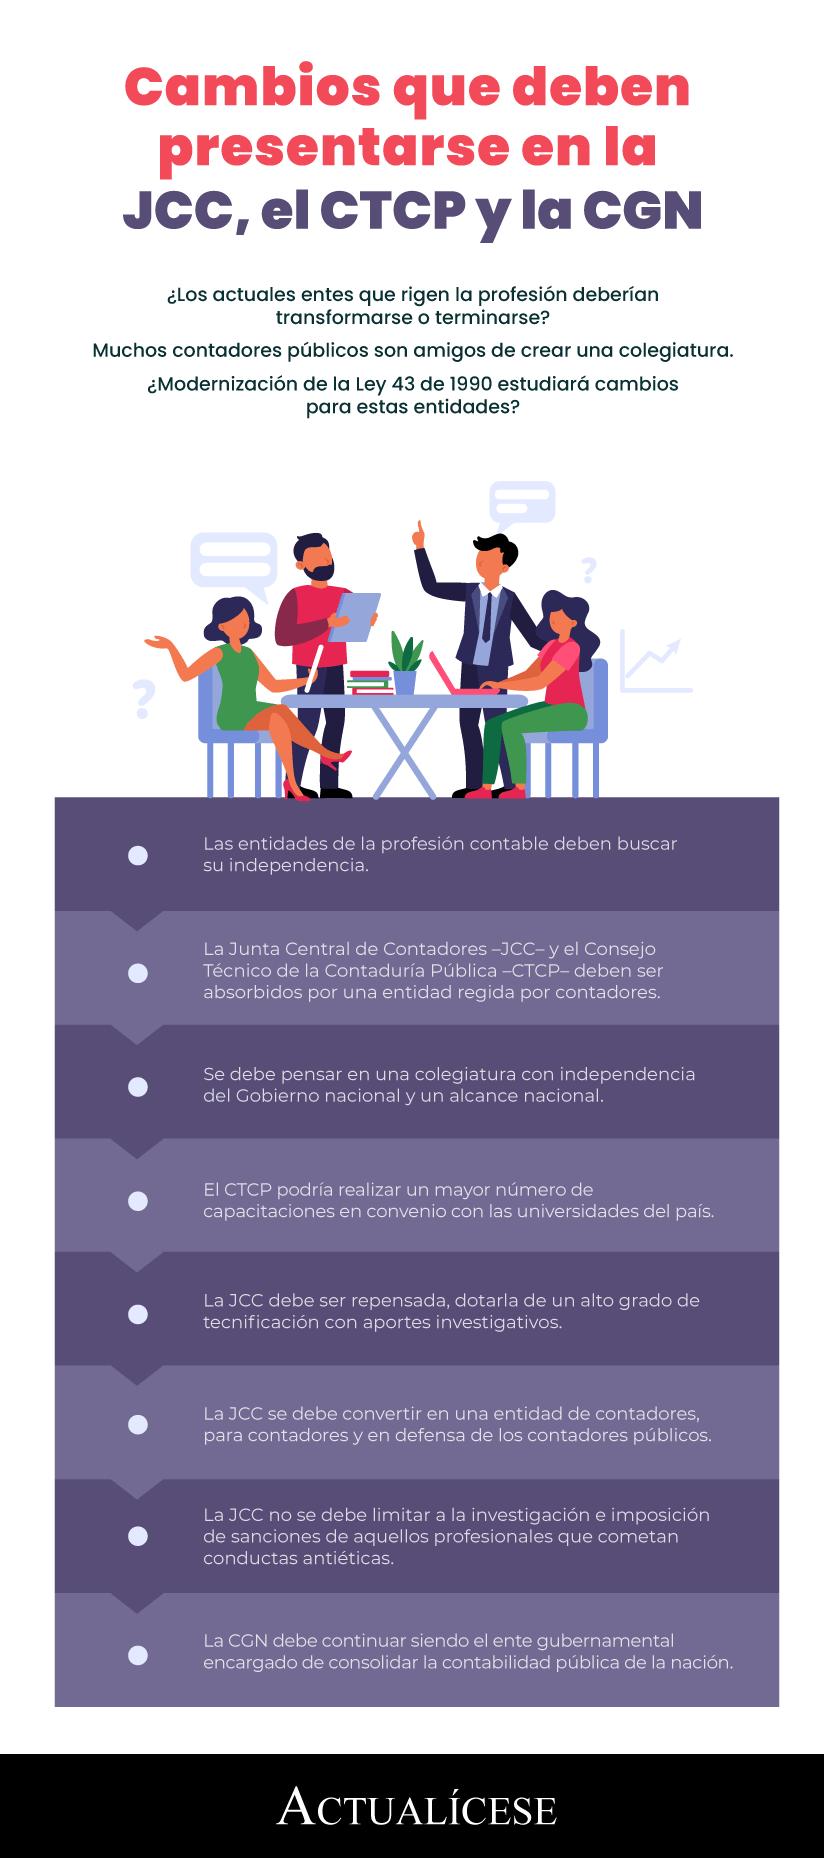 [Infografía] Cambios que deben presentarse en la JCC, el CTCP y la CGN